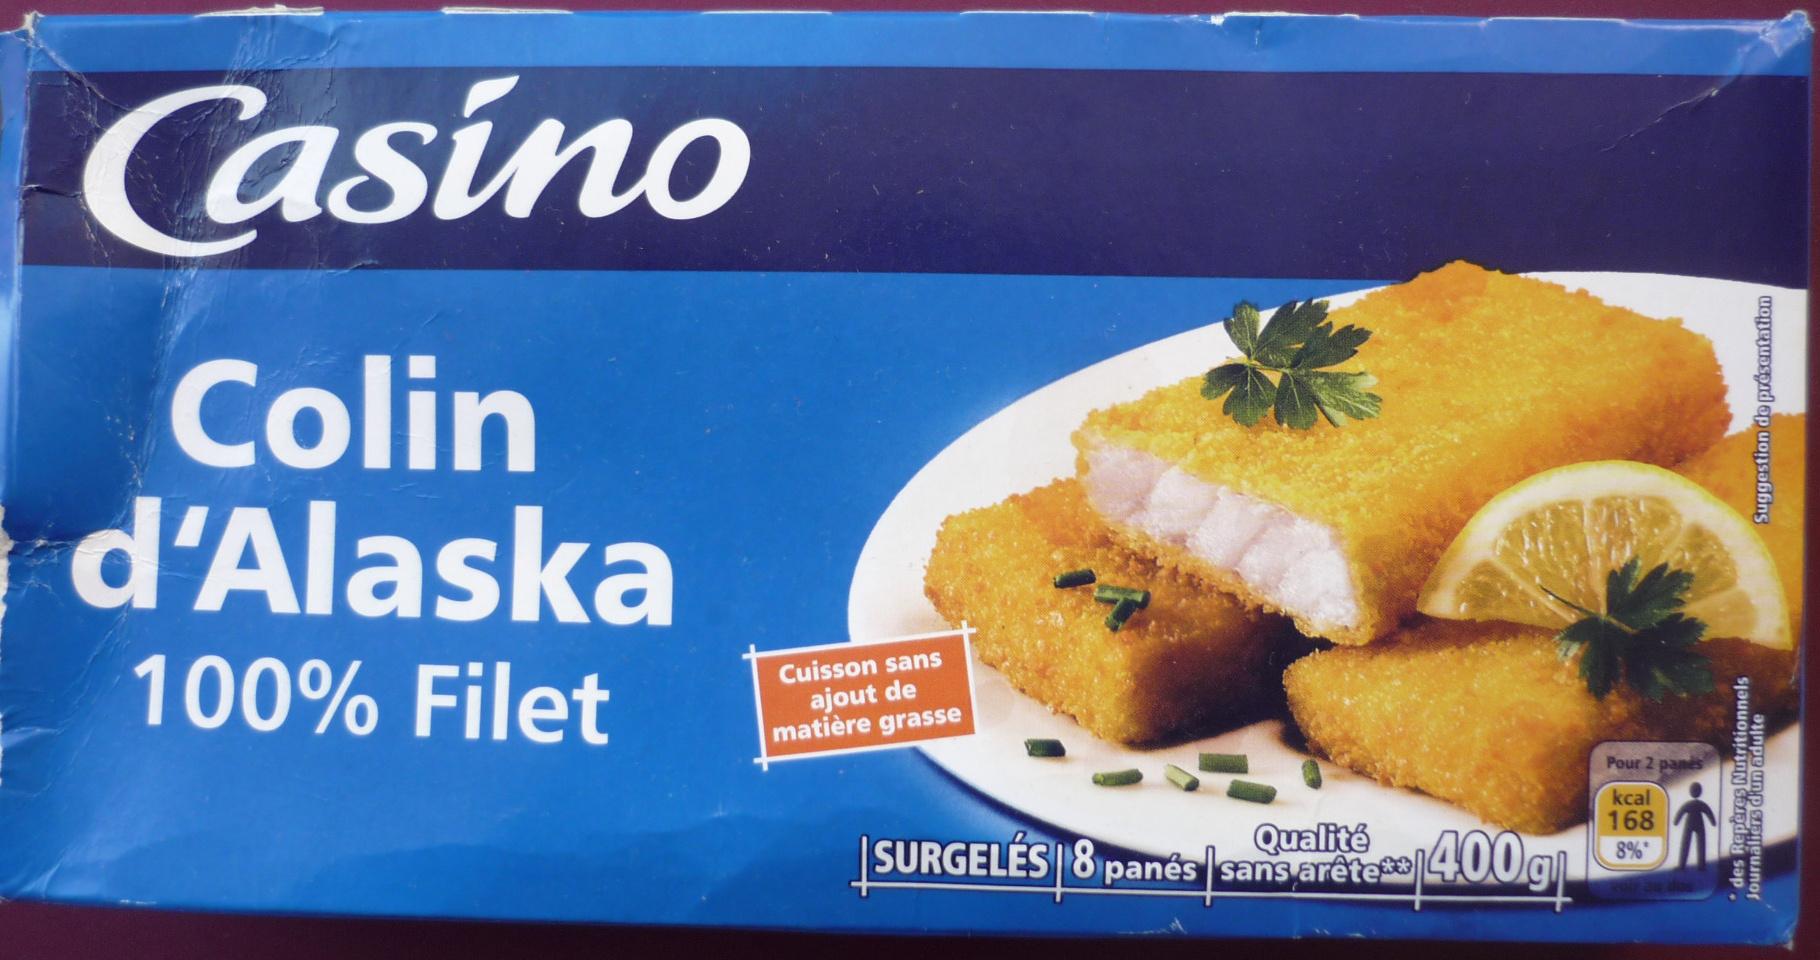 Colin d'Alaska 100 % Filet, Surgelés (8 panés) - Product